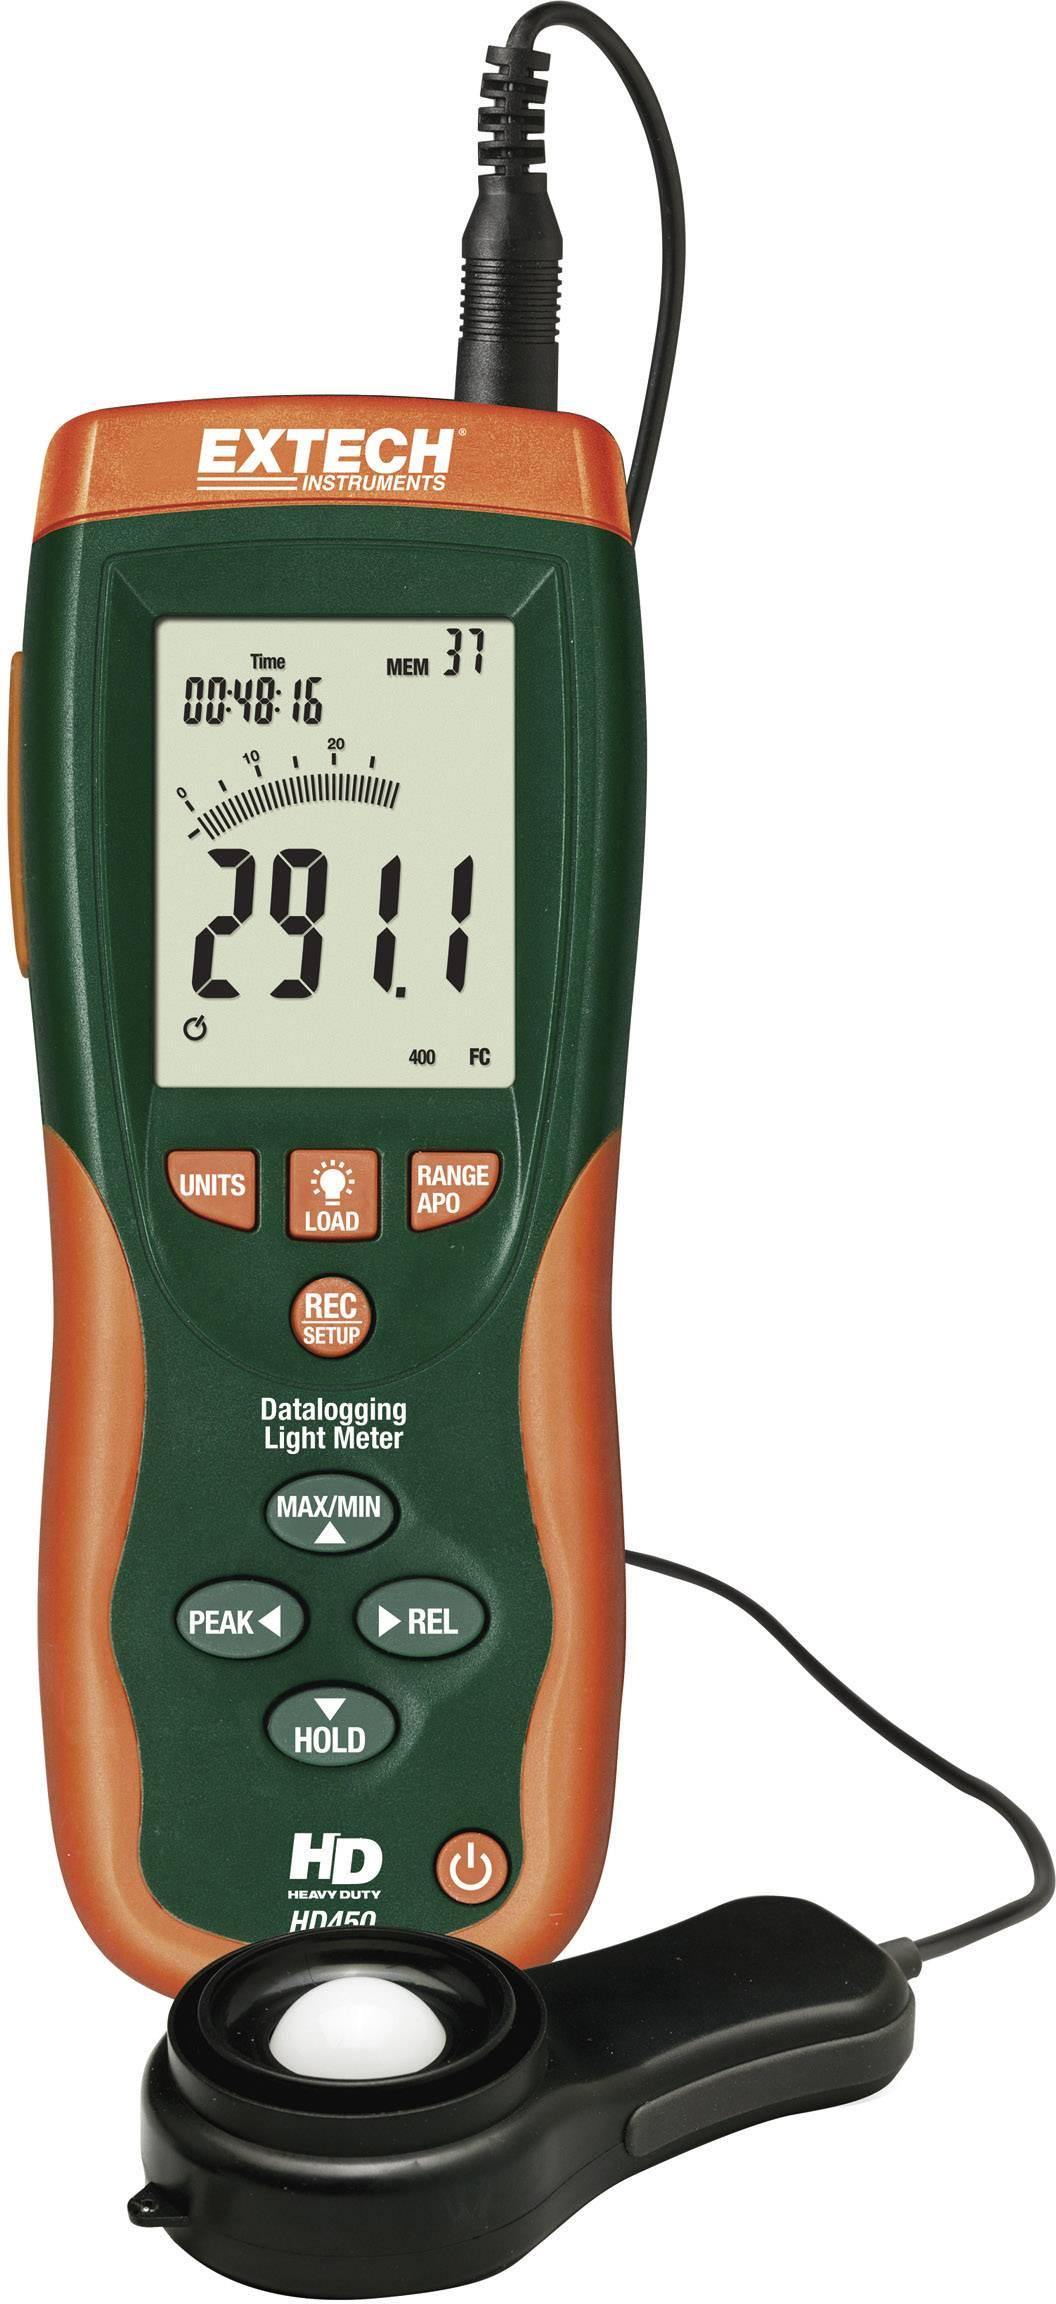 Luxmeter Extech HD-450, 0, 1 - 400 000 lx